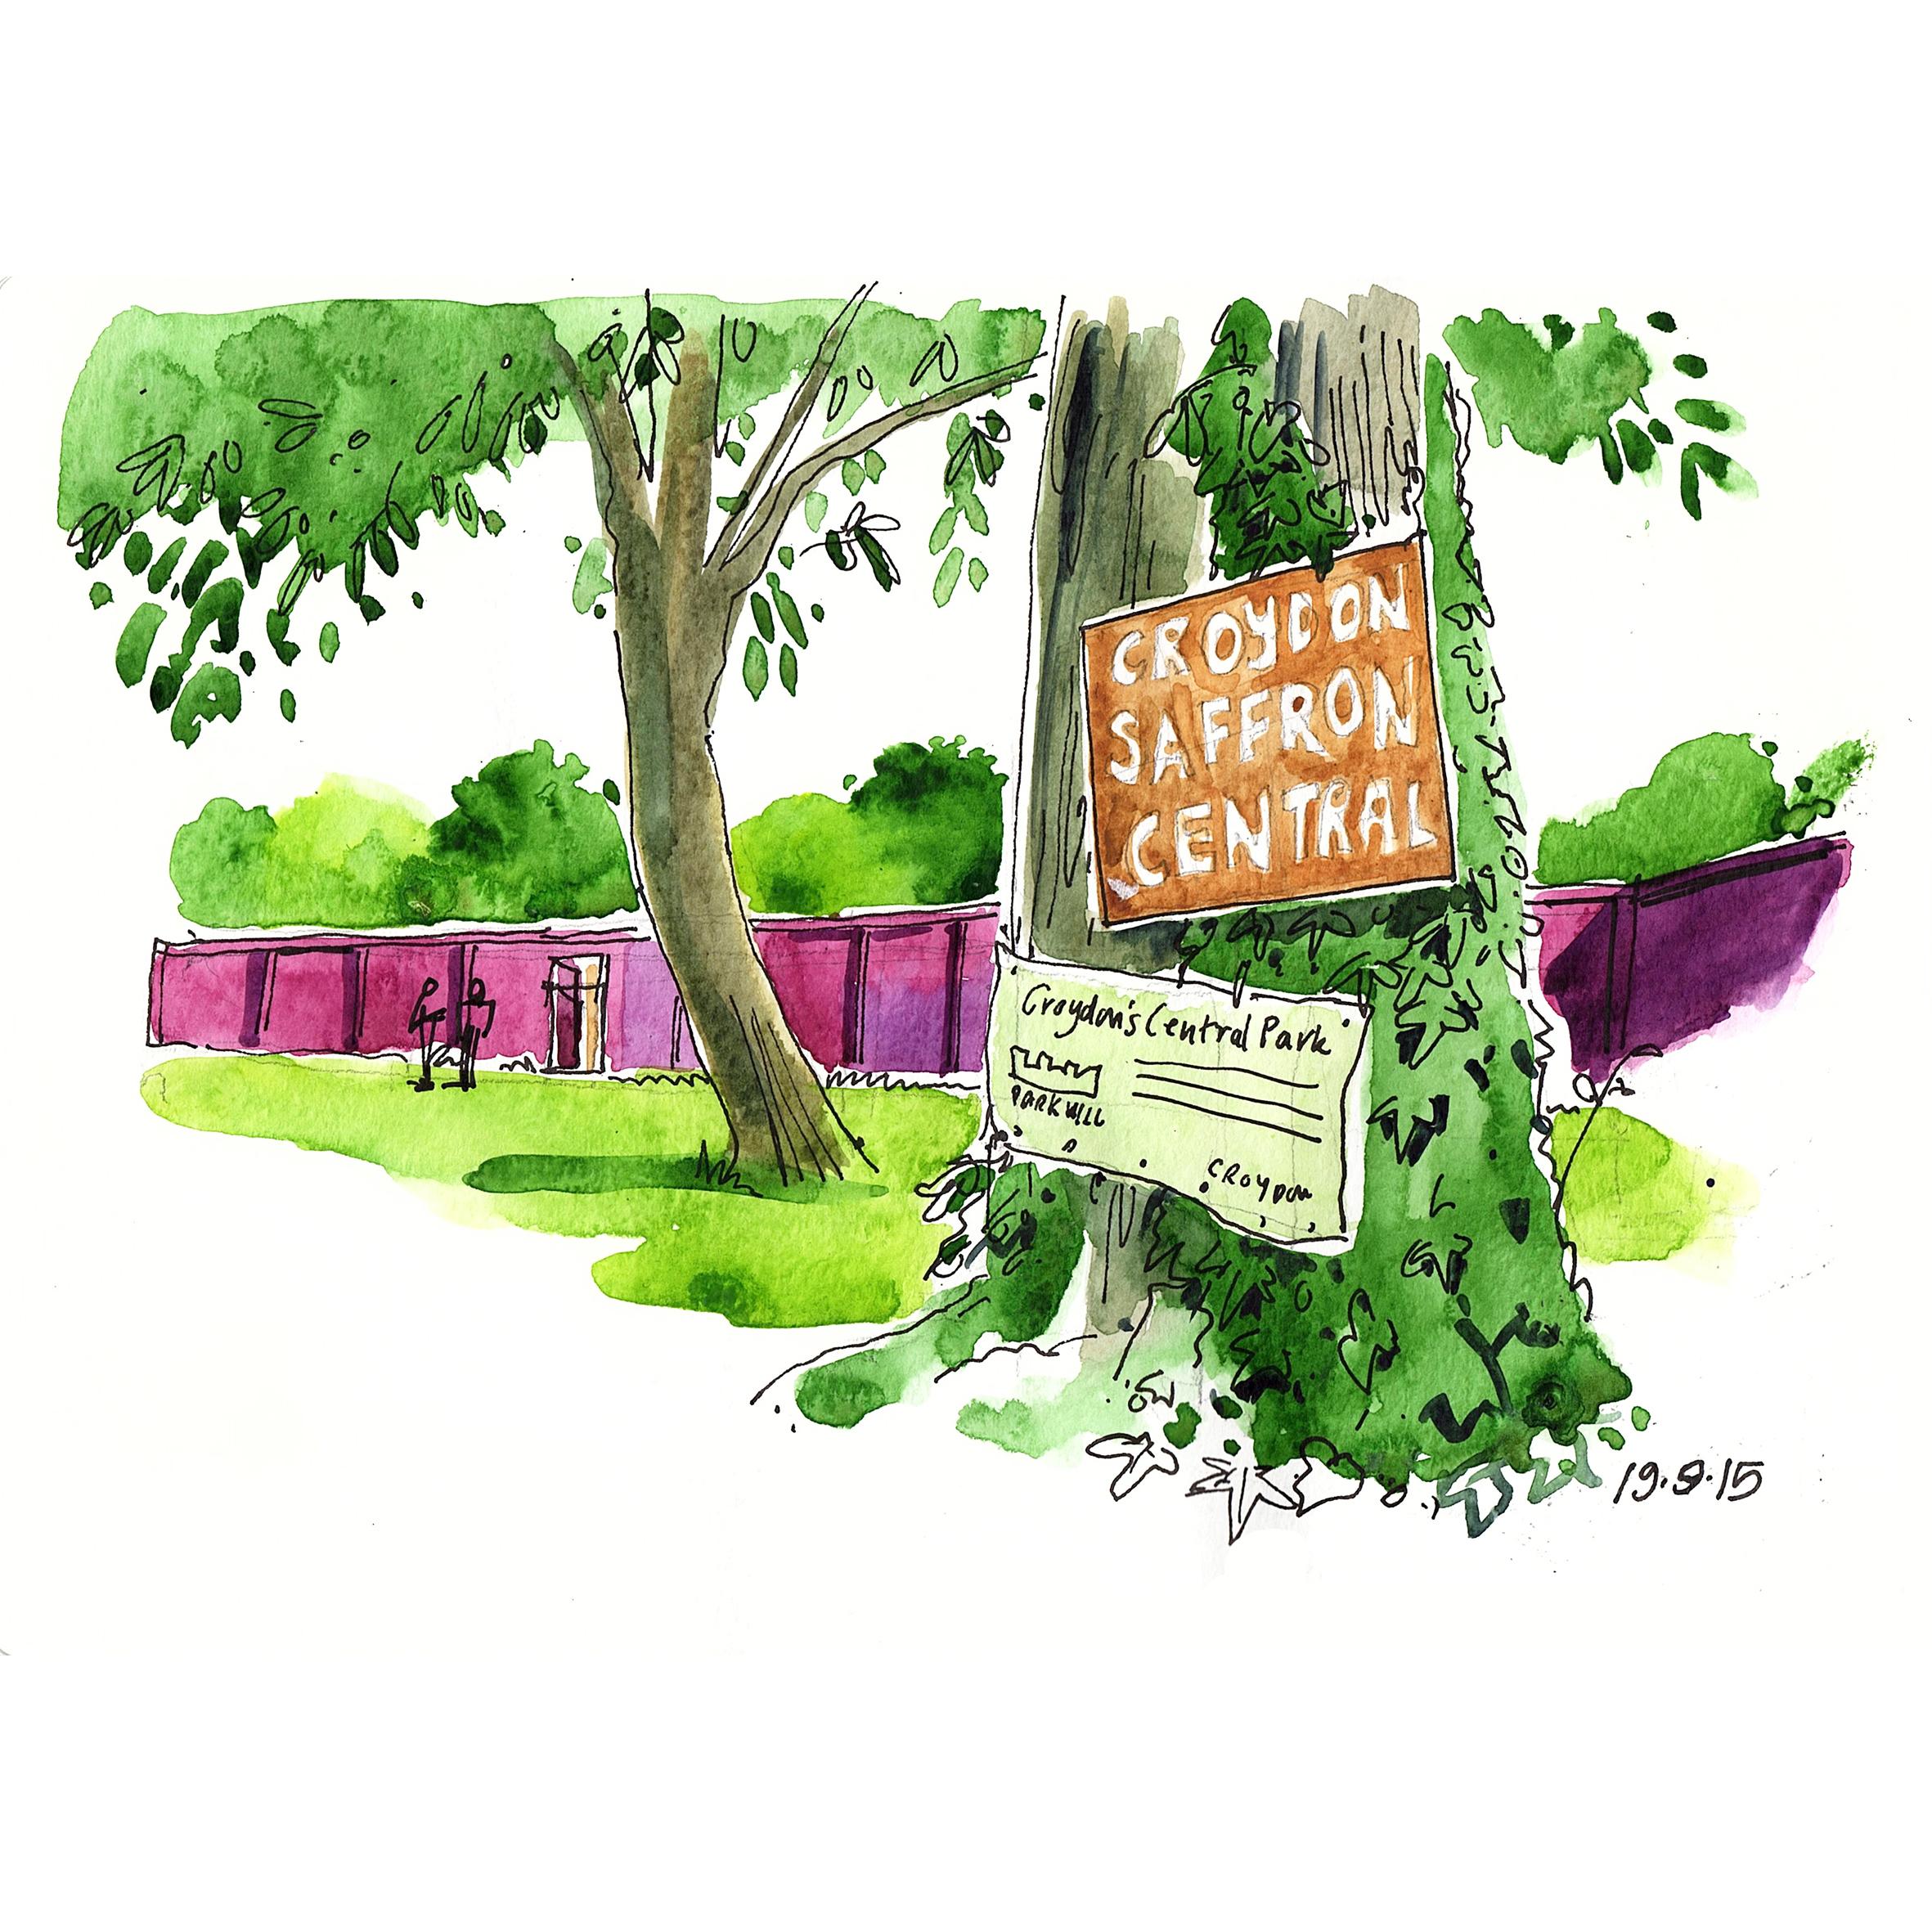 Croydon Saffron Central Sign for Squarespace.jpg